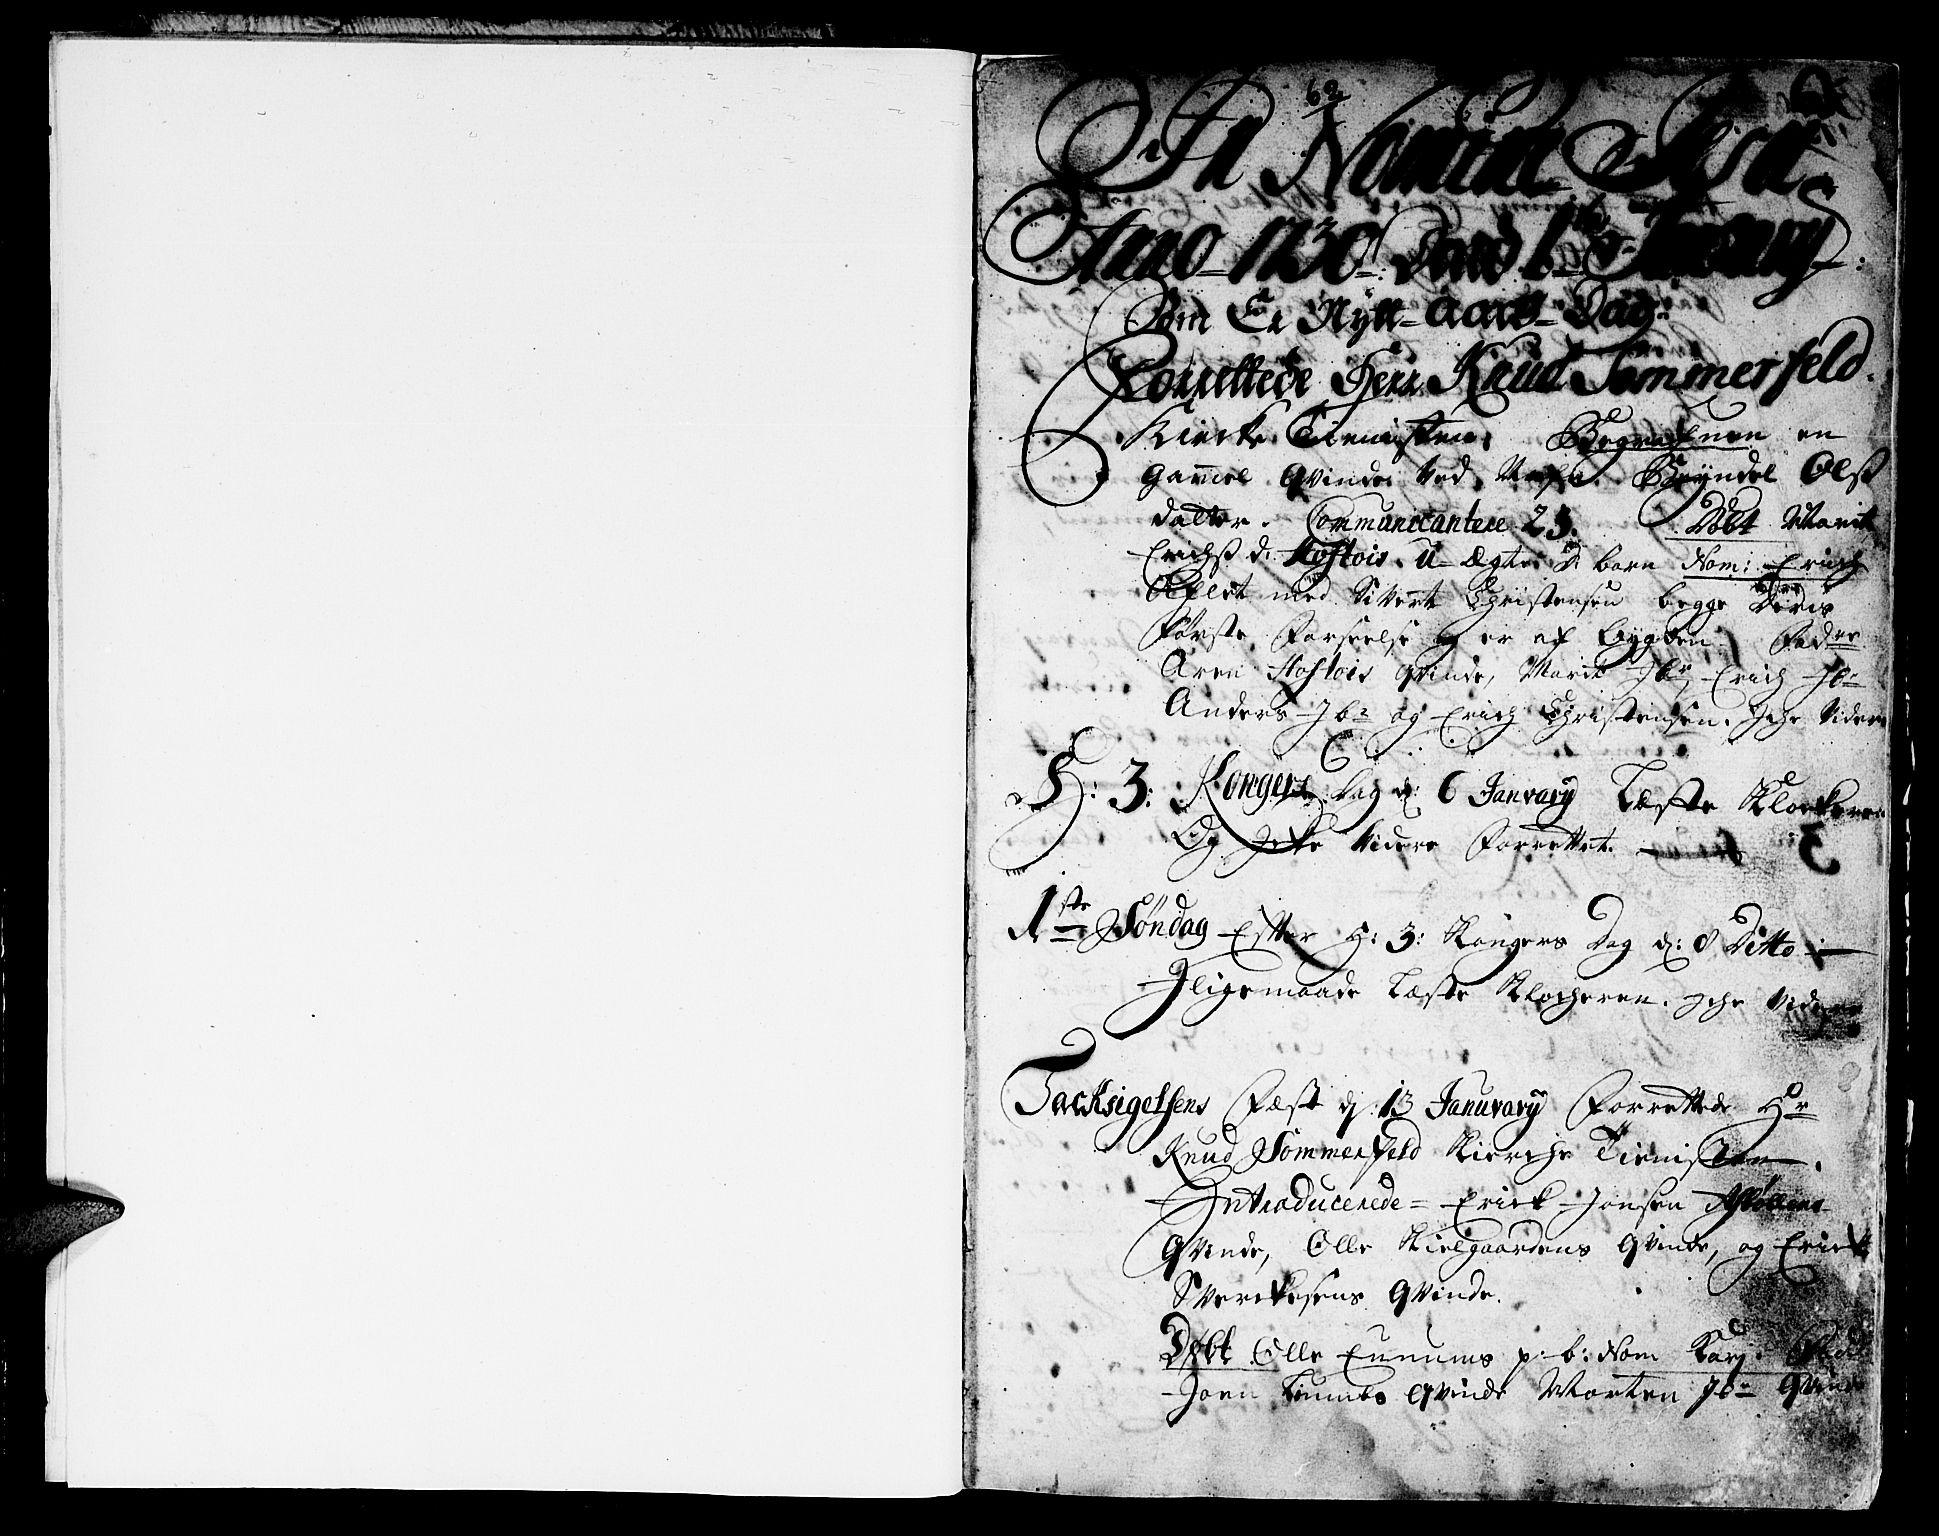 SAT, Ministerialprotokoller, klokkerbøker og fødselsregistre - Sør-Trøndelag, 671/L0839: Ministerialbok nr. 671A01, 1730-1755, s. 0-1